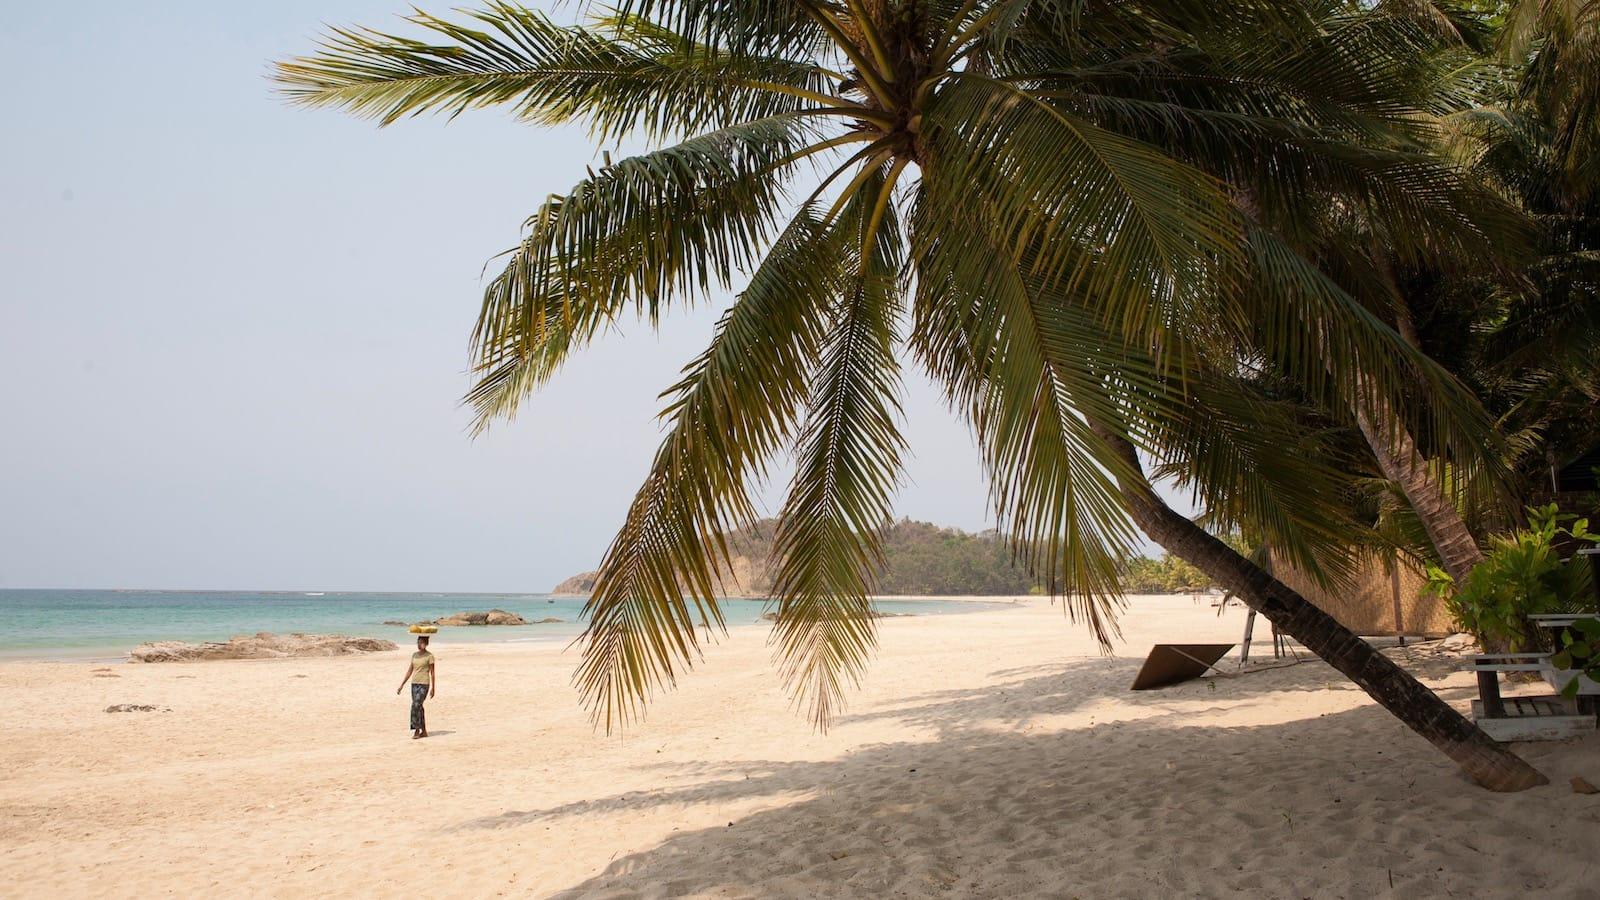 форель мьянма фото пляжей всегда, все